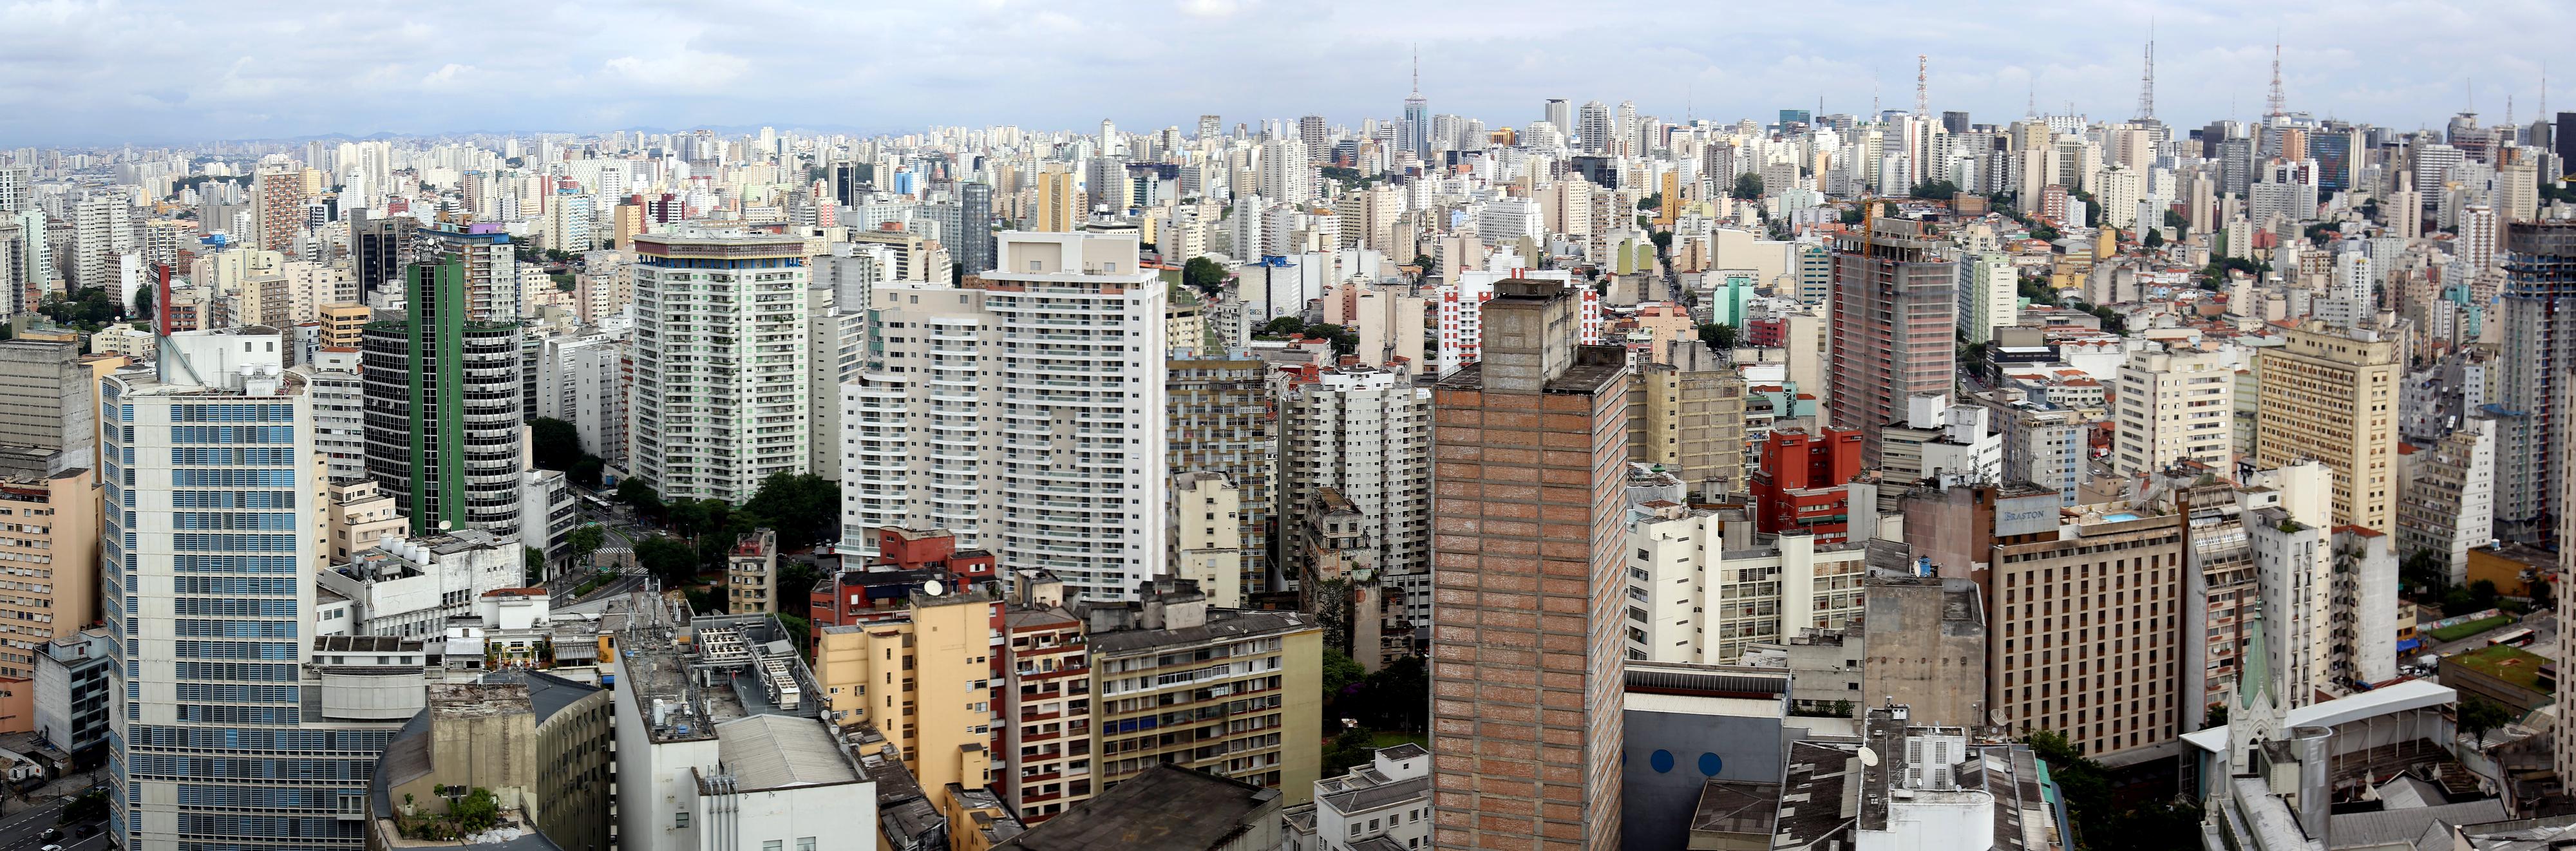 Stadtansicht von Sao Paulo